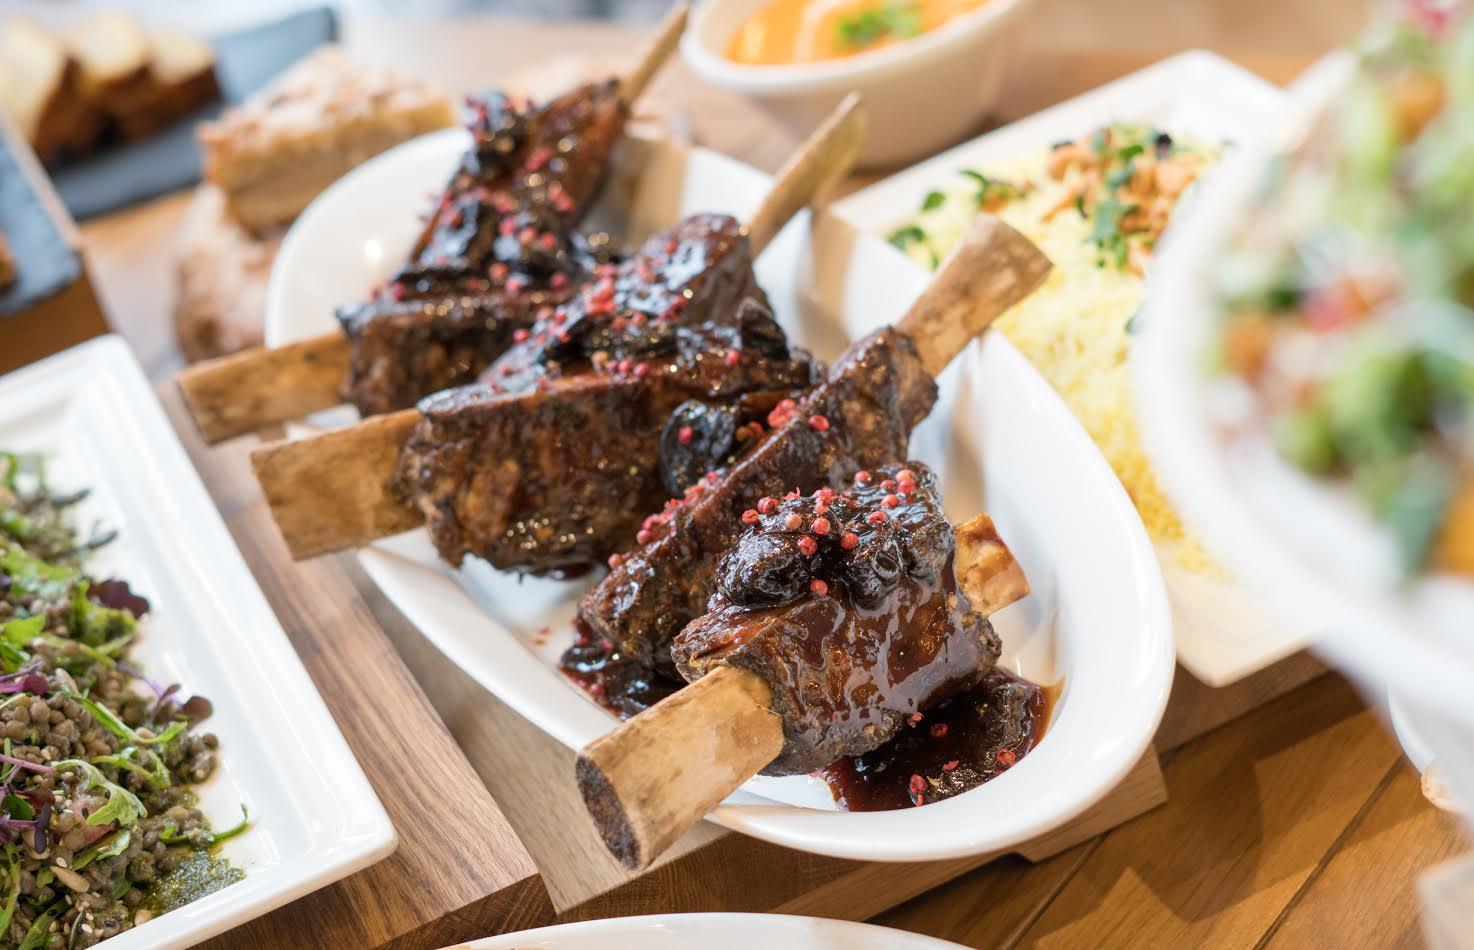 مطعم أوبين يقدم قائمة أطايب لذيذة احتفالاً بشهر رمضان الكريم